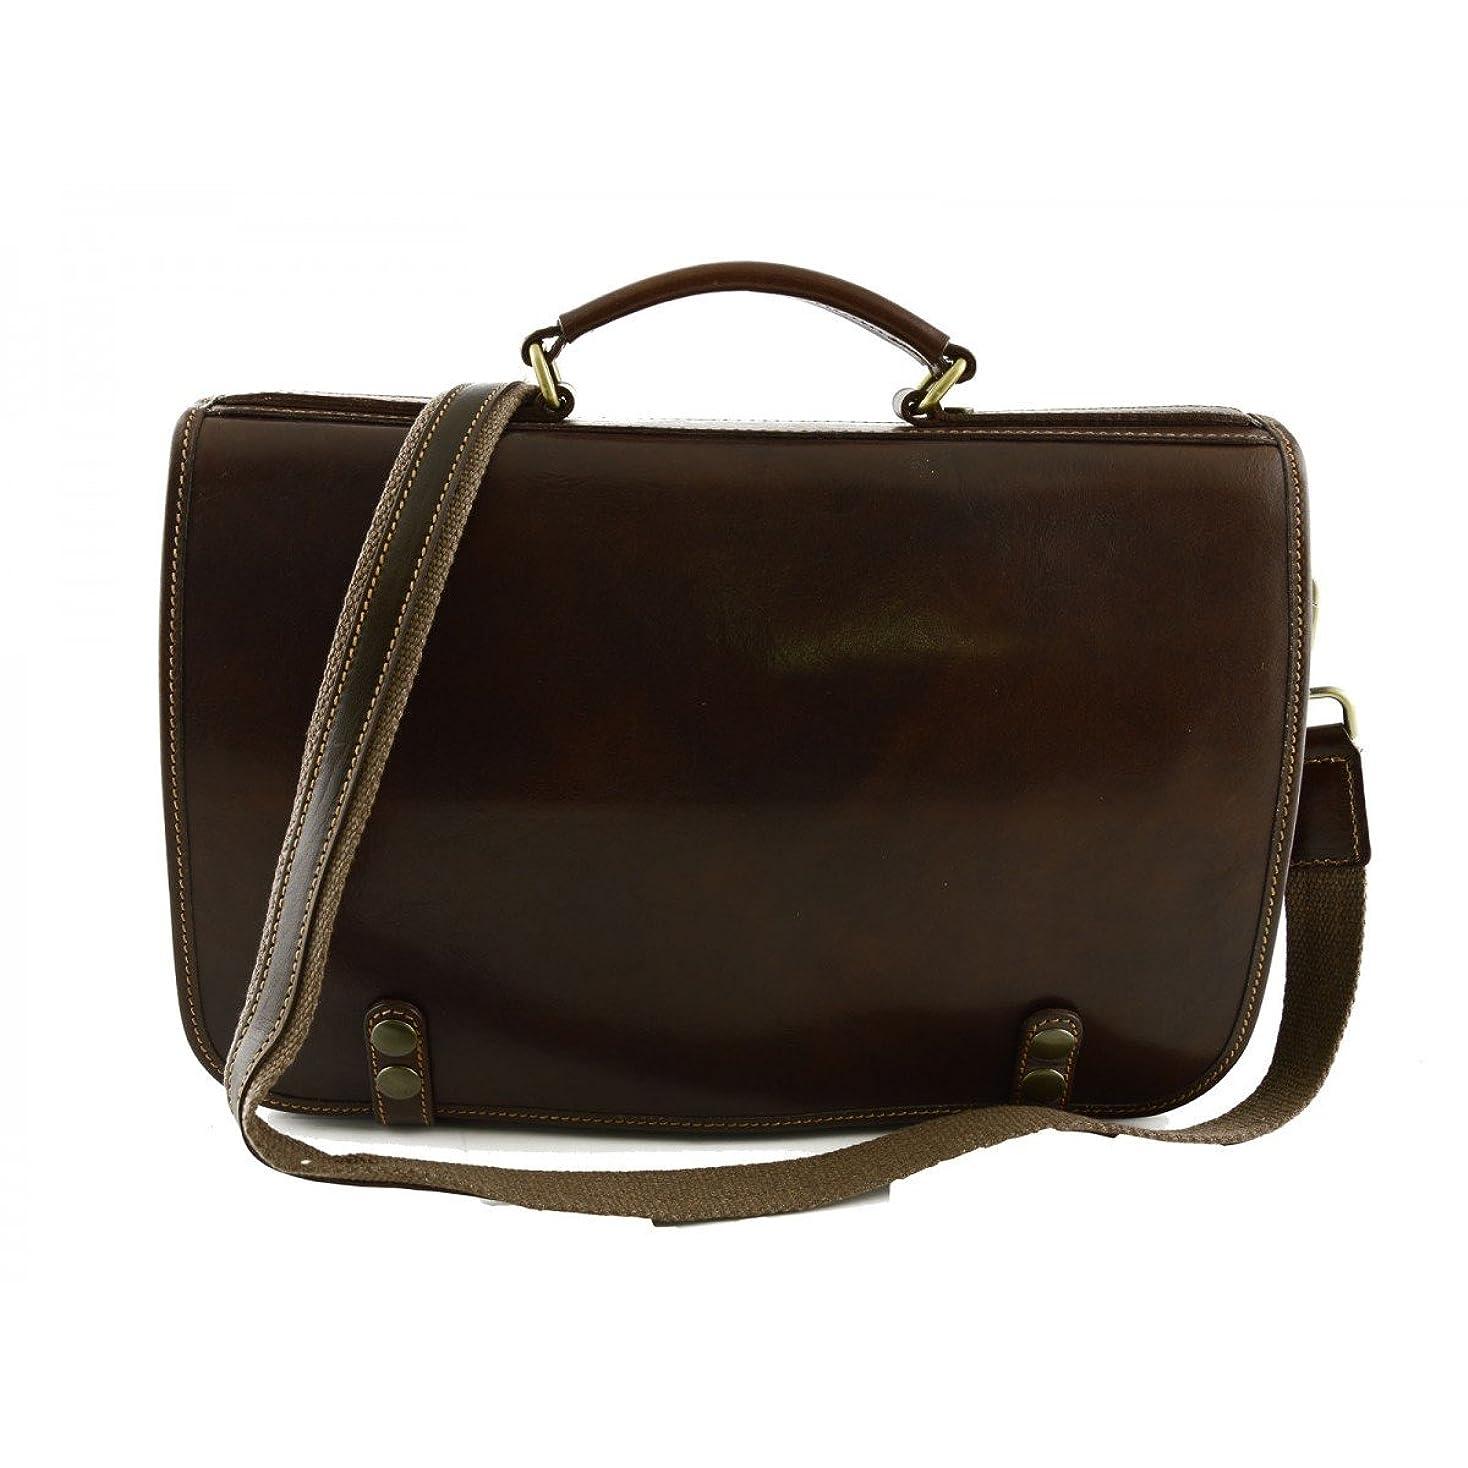 ベンチ増強造船Made In Italy Genuine Leather Business Bag Color Brown - Business Bag